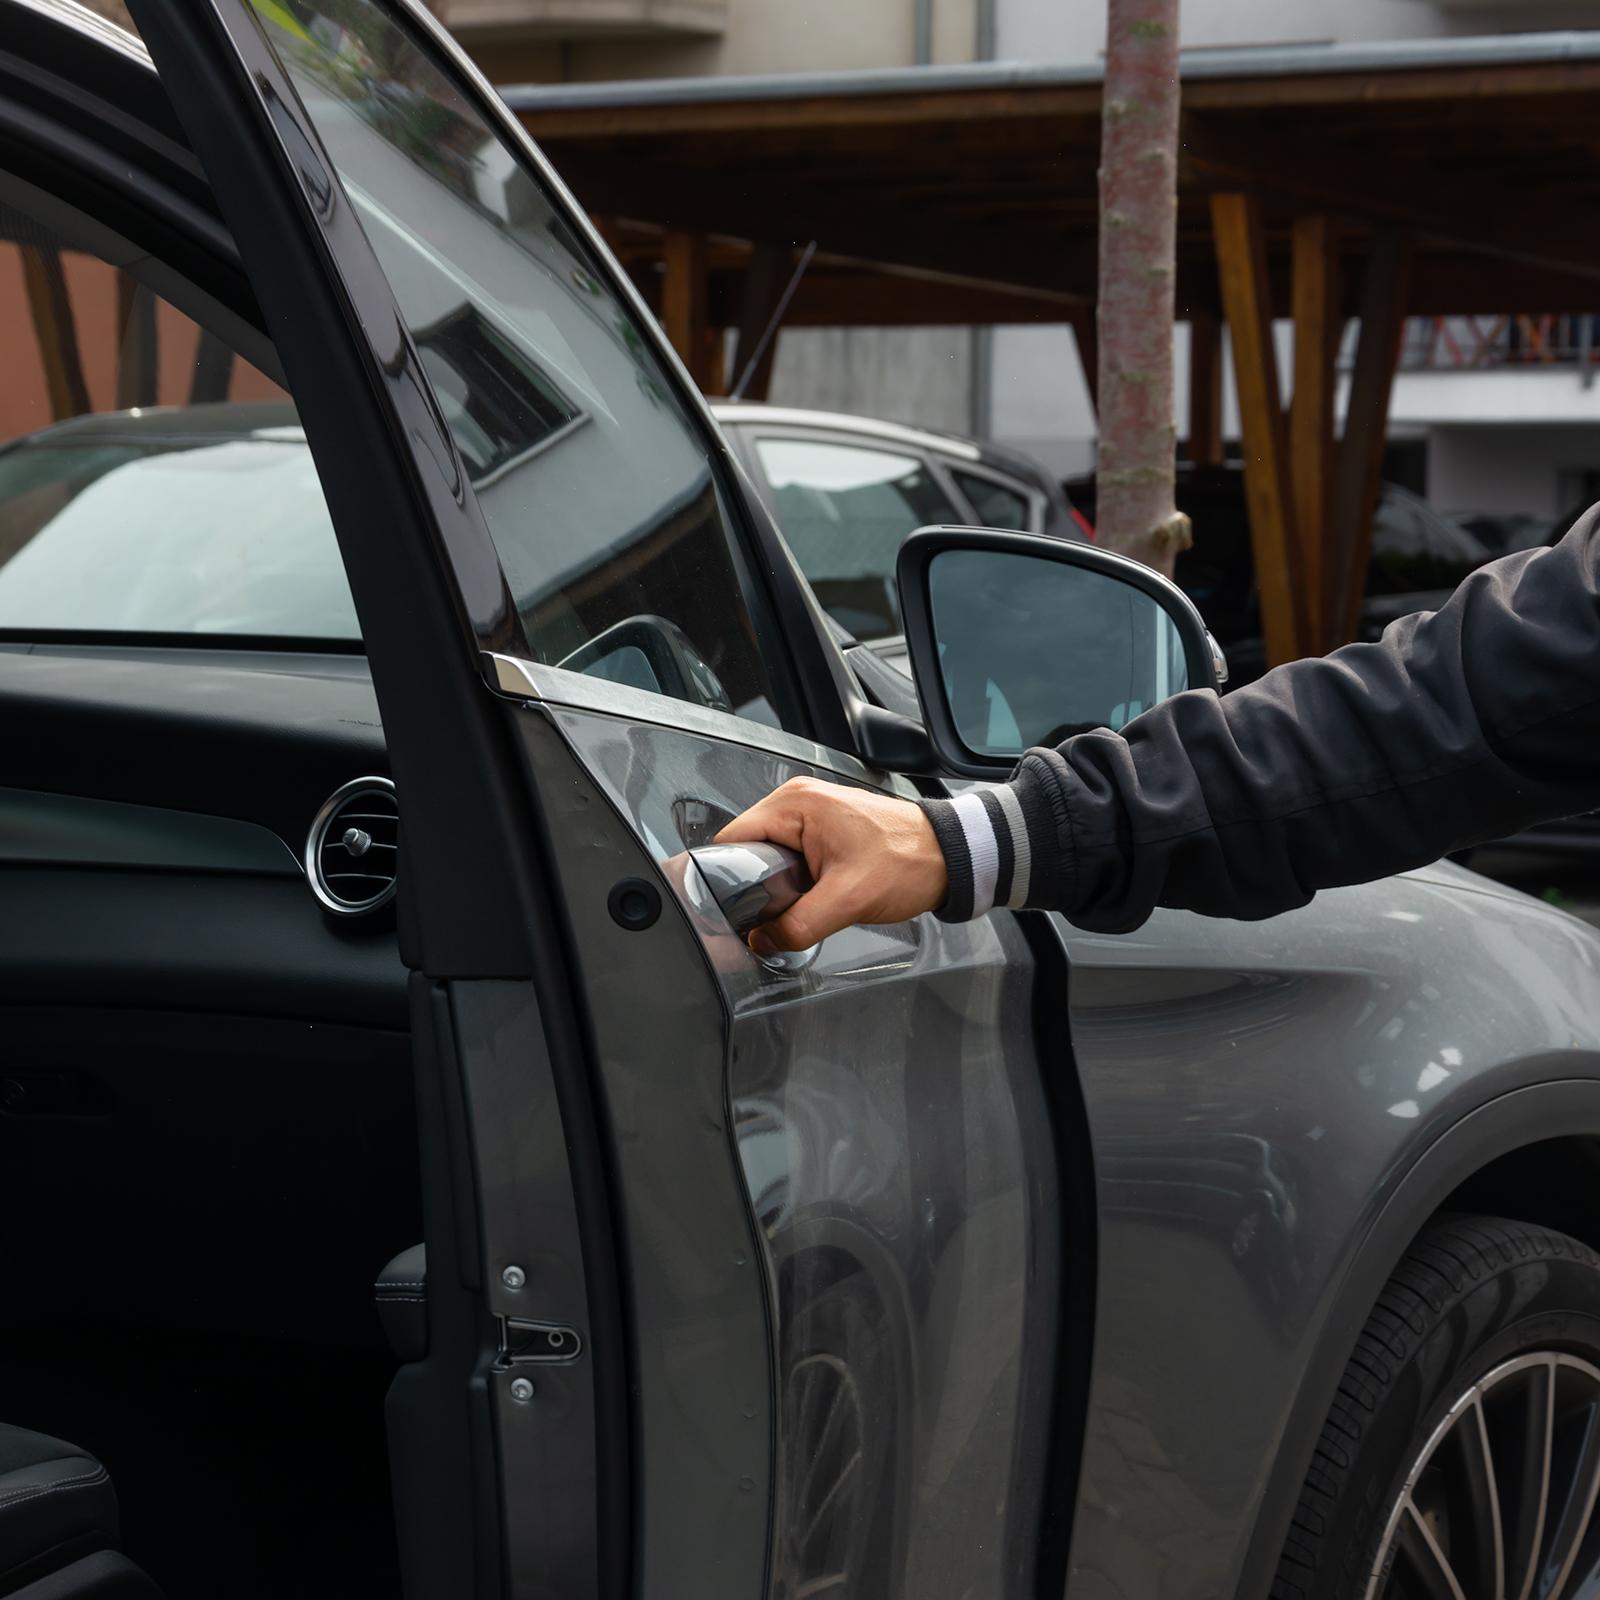 VorNachteile-Carsharing-II_Mobil